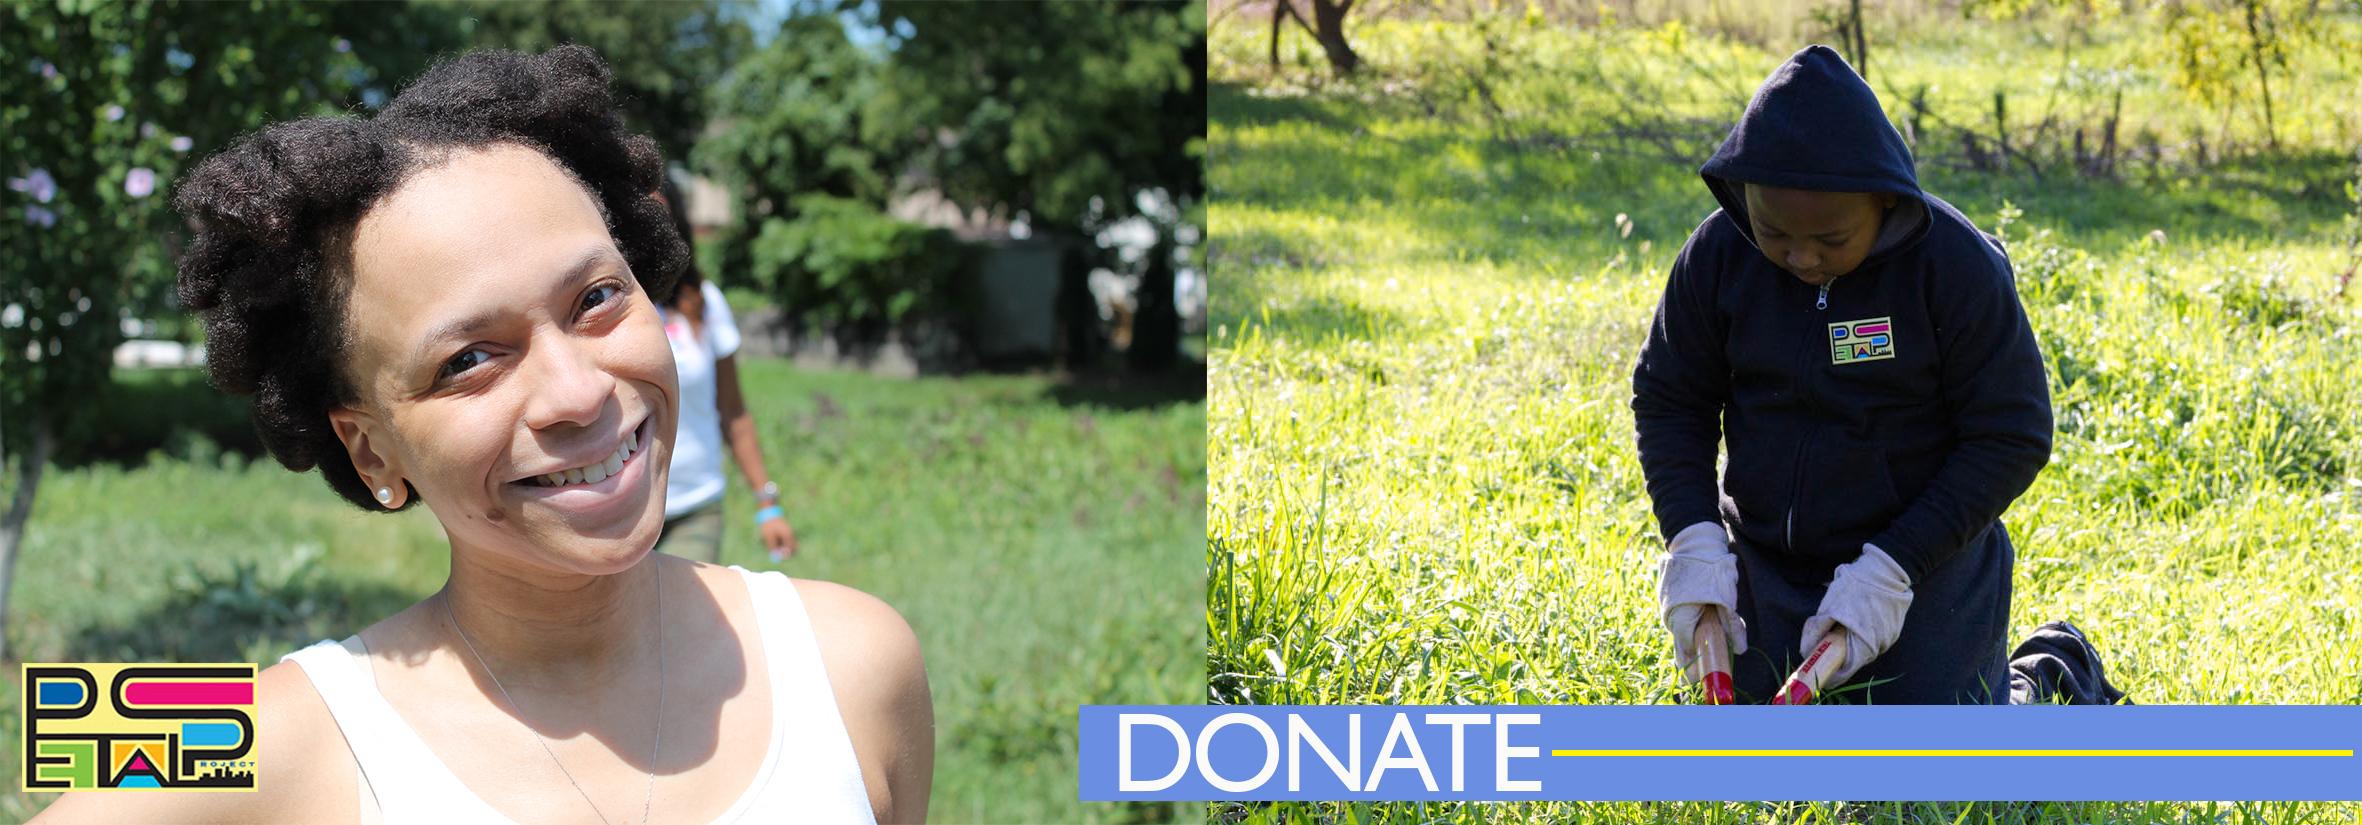 Donate Project Petals